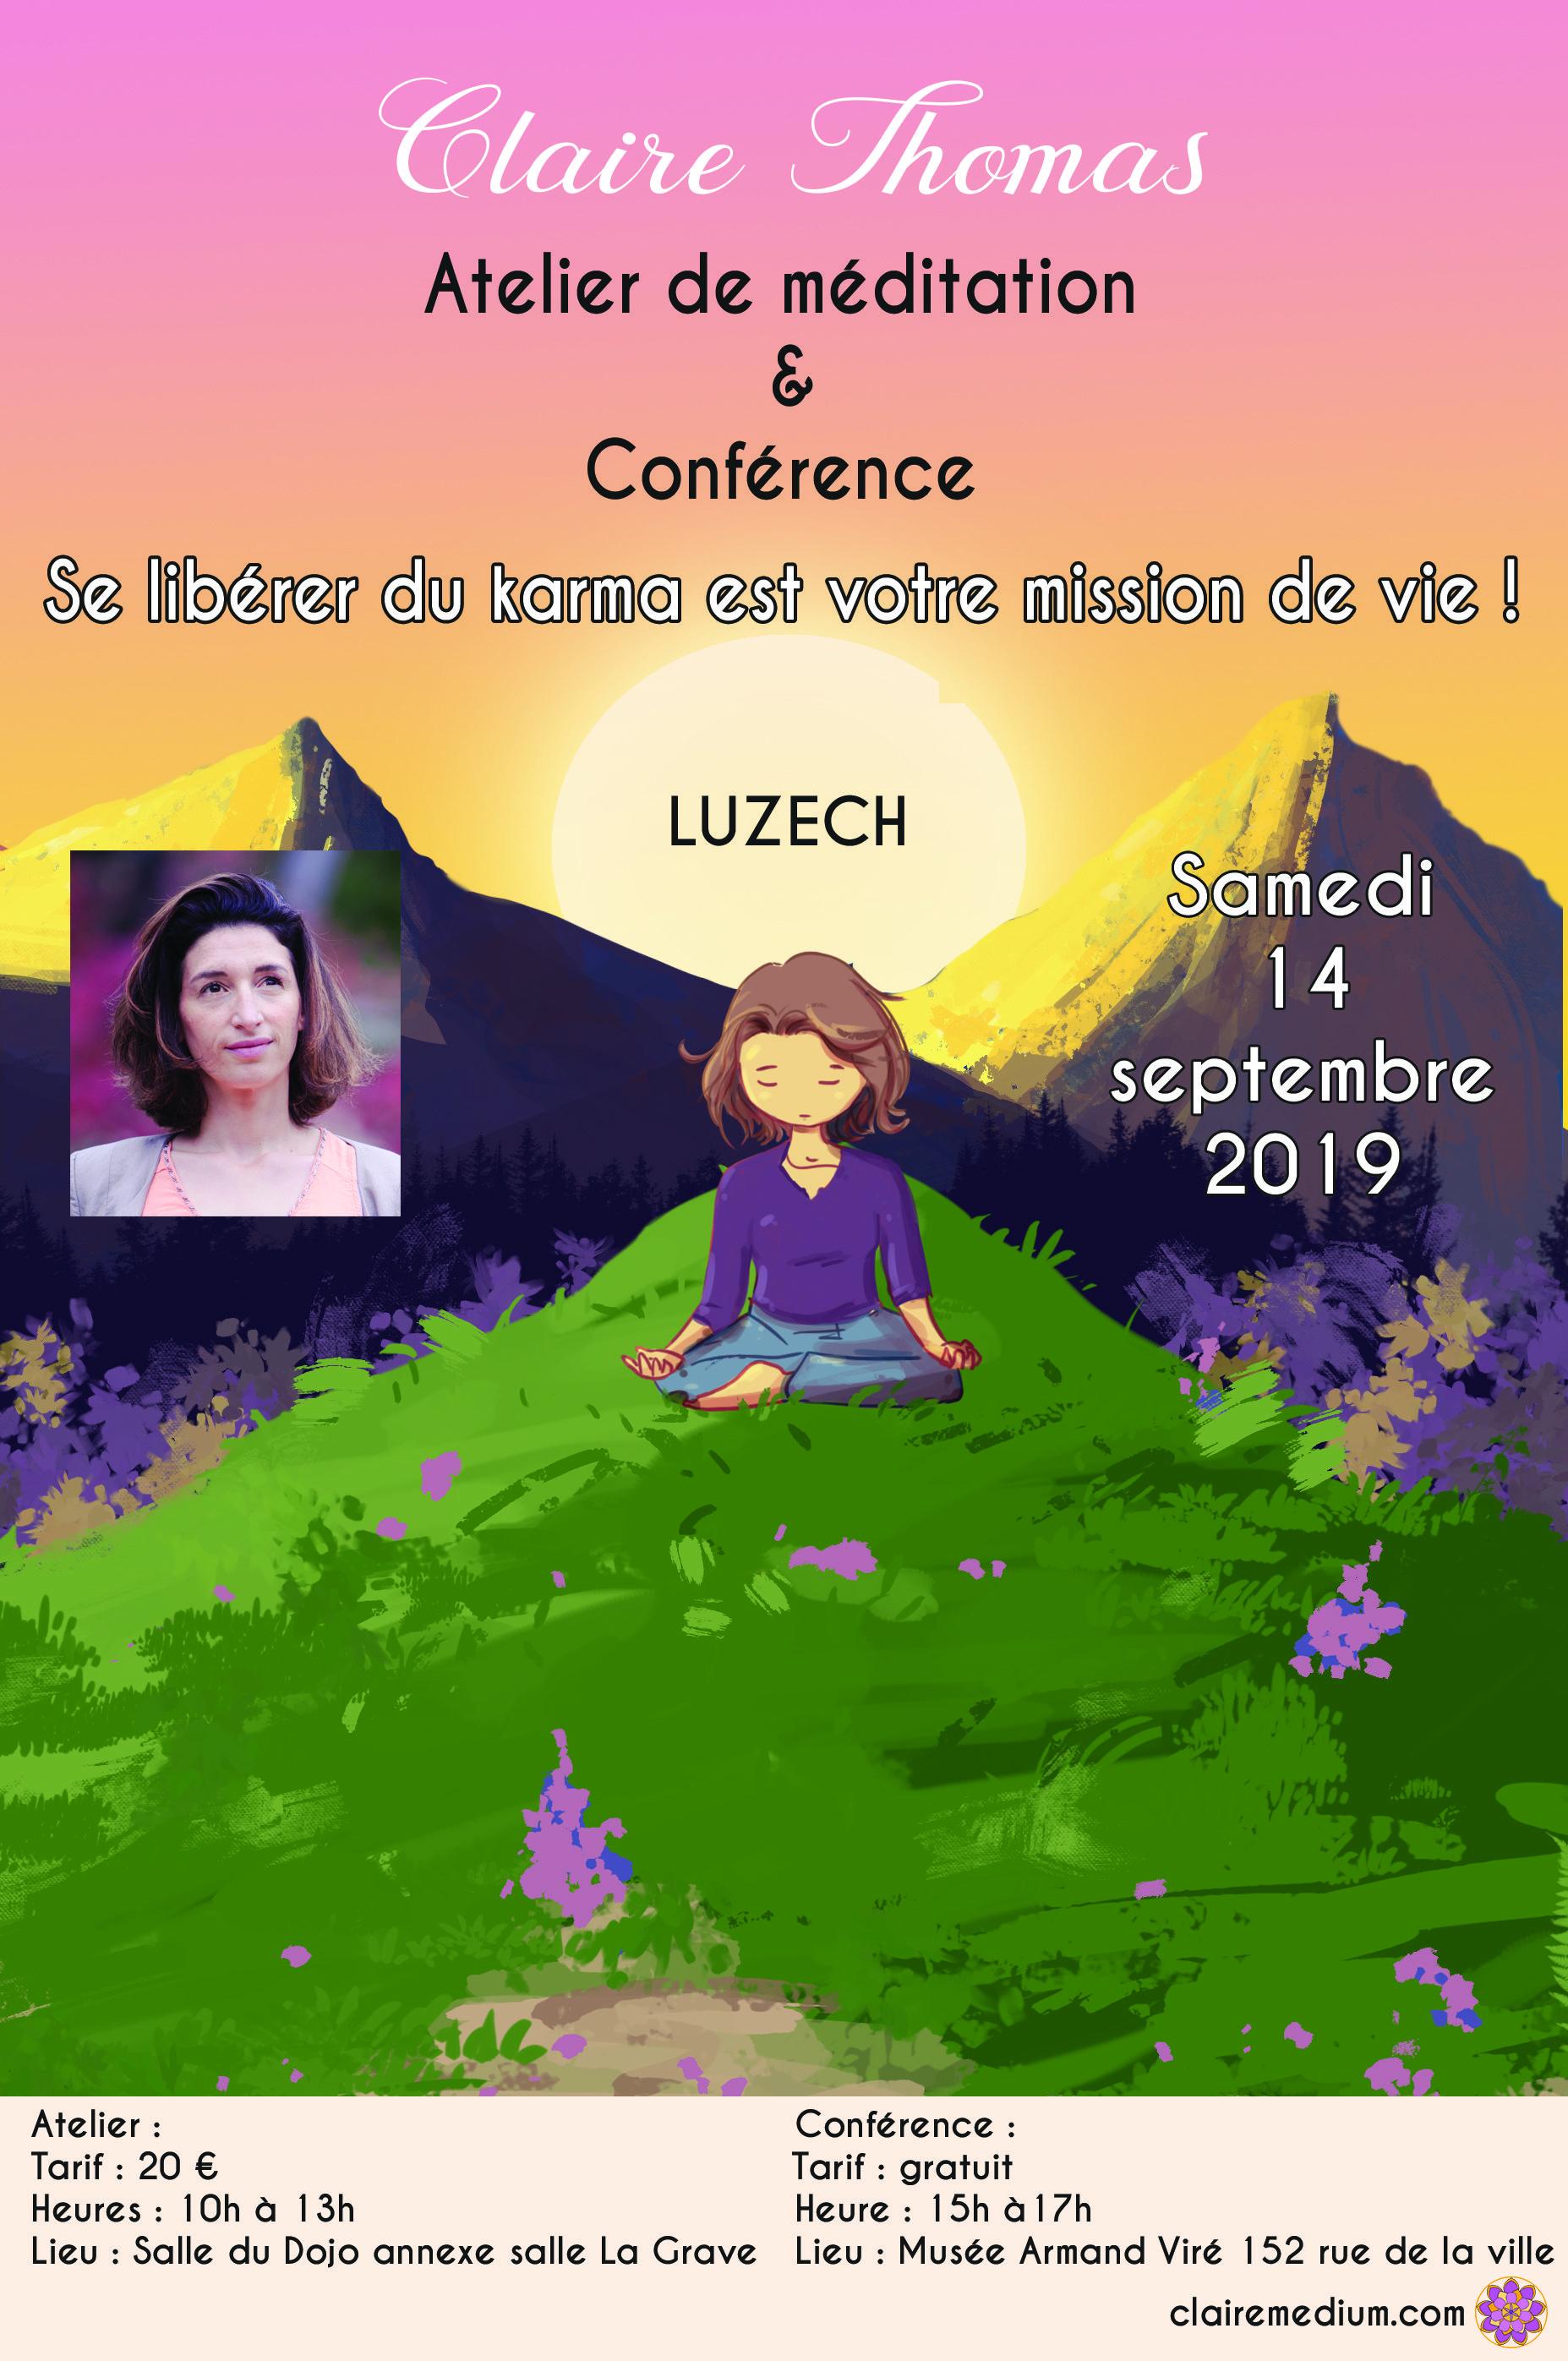 Conférence et atelier de méditation à Luzech (46)